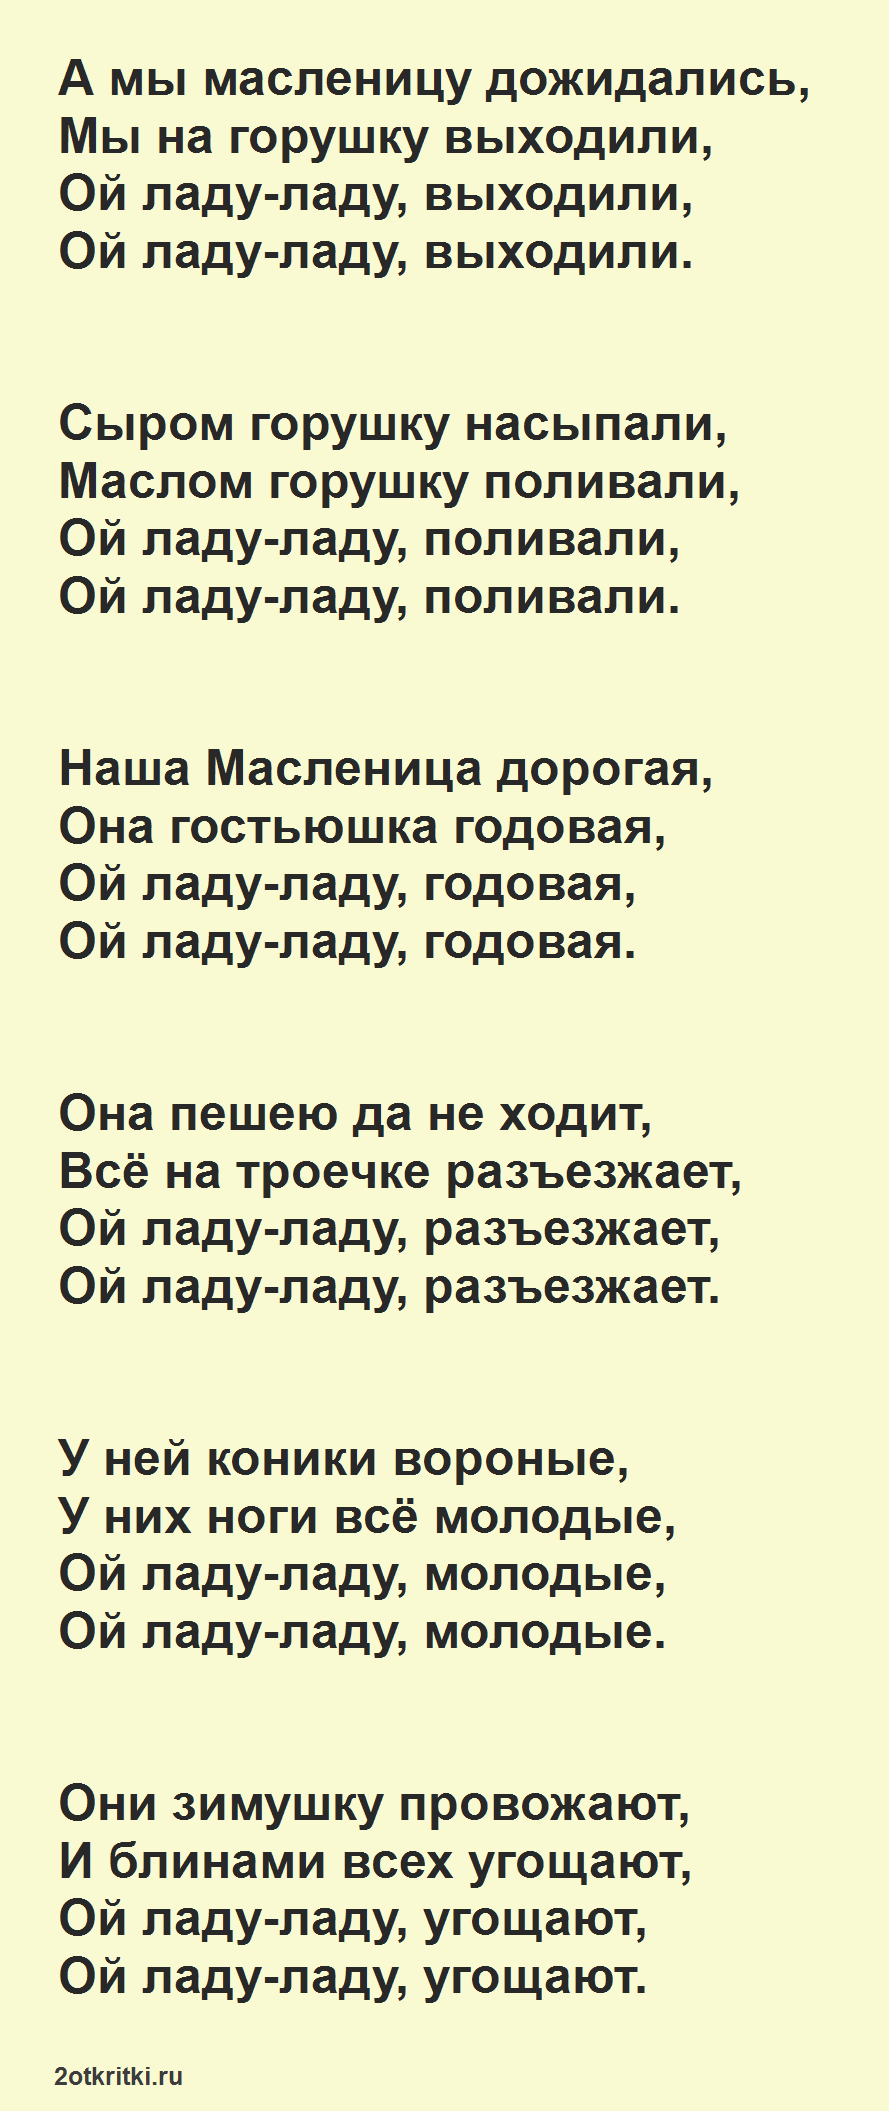 Песни про масленицу для детей - А мы масленицу дождались